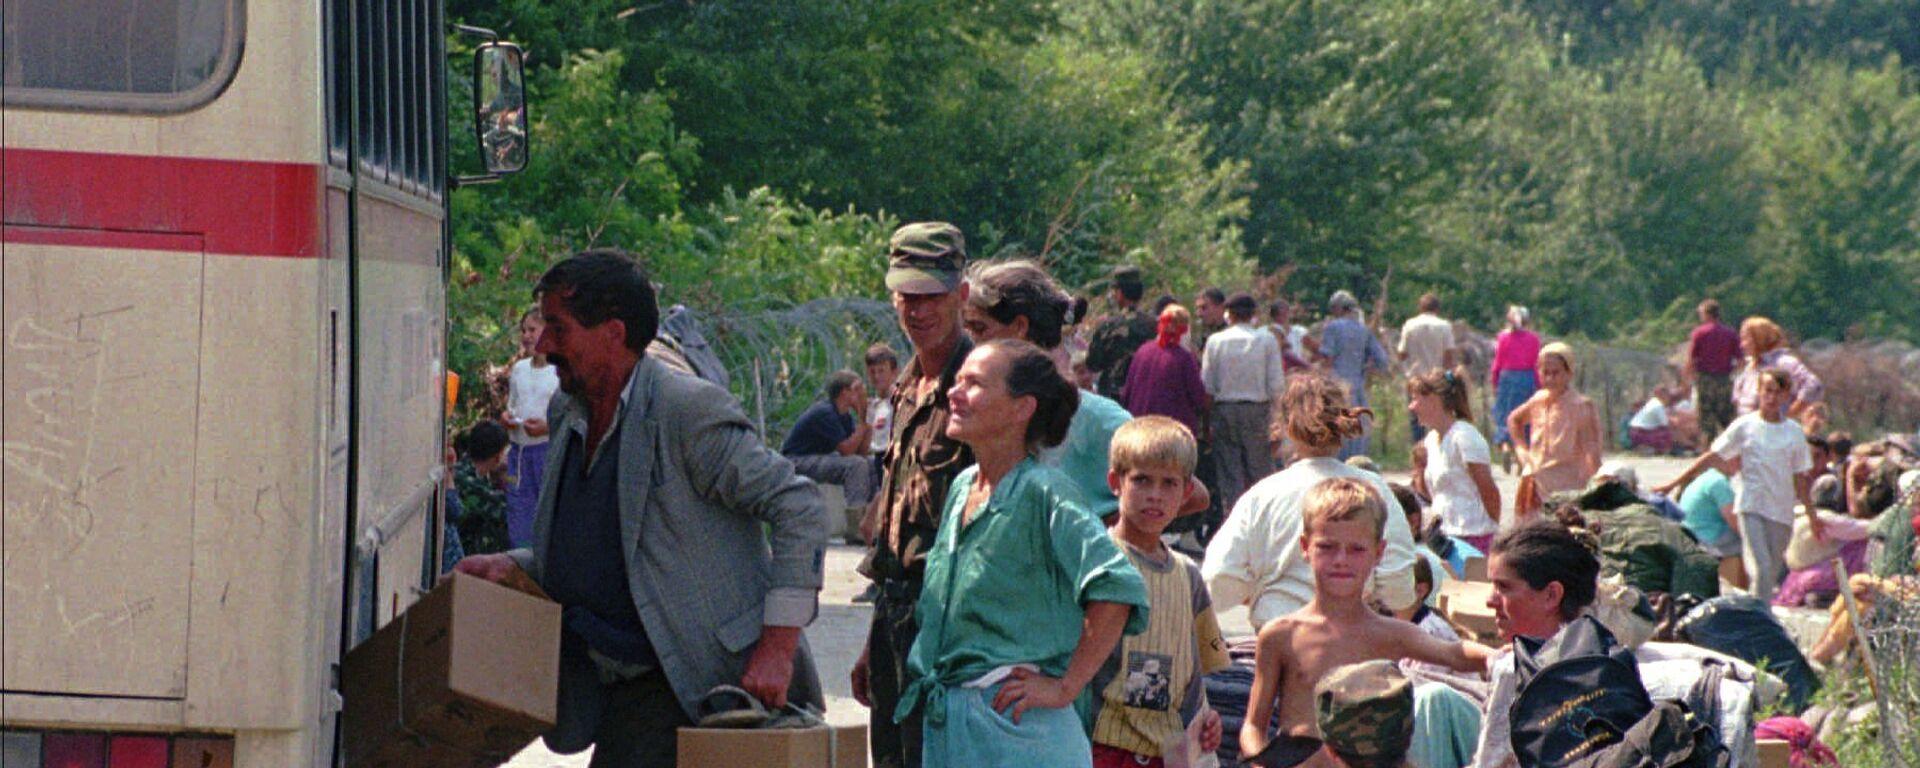 Избеглице напуштају Хрватску 1995. године - Sputnik Србија, 1920, 03.08.2021